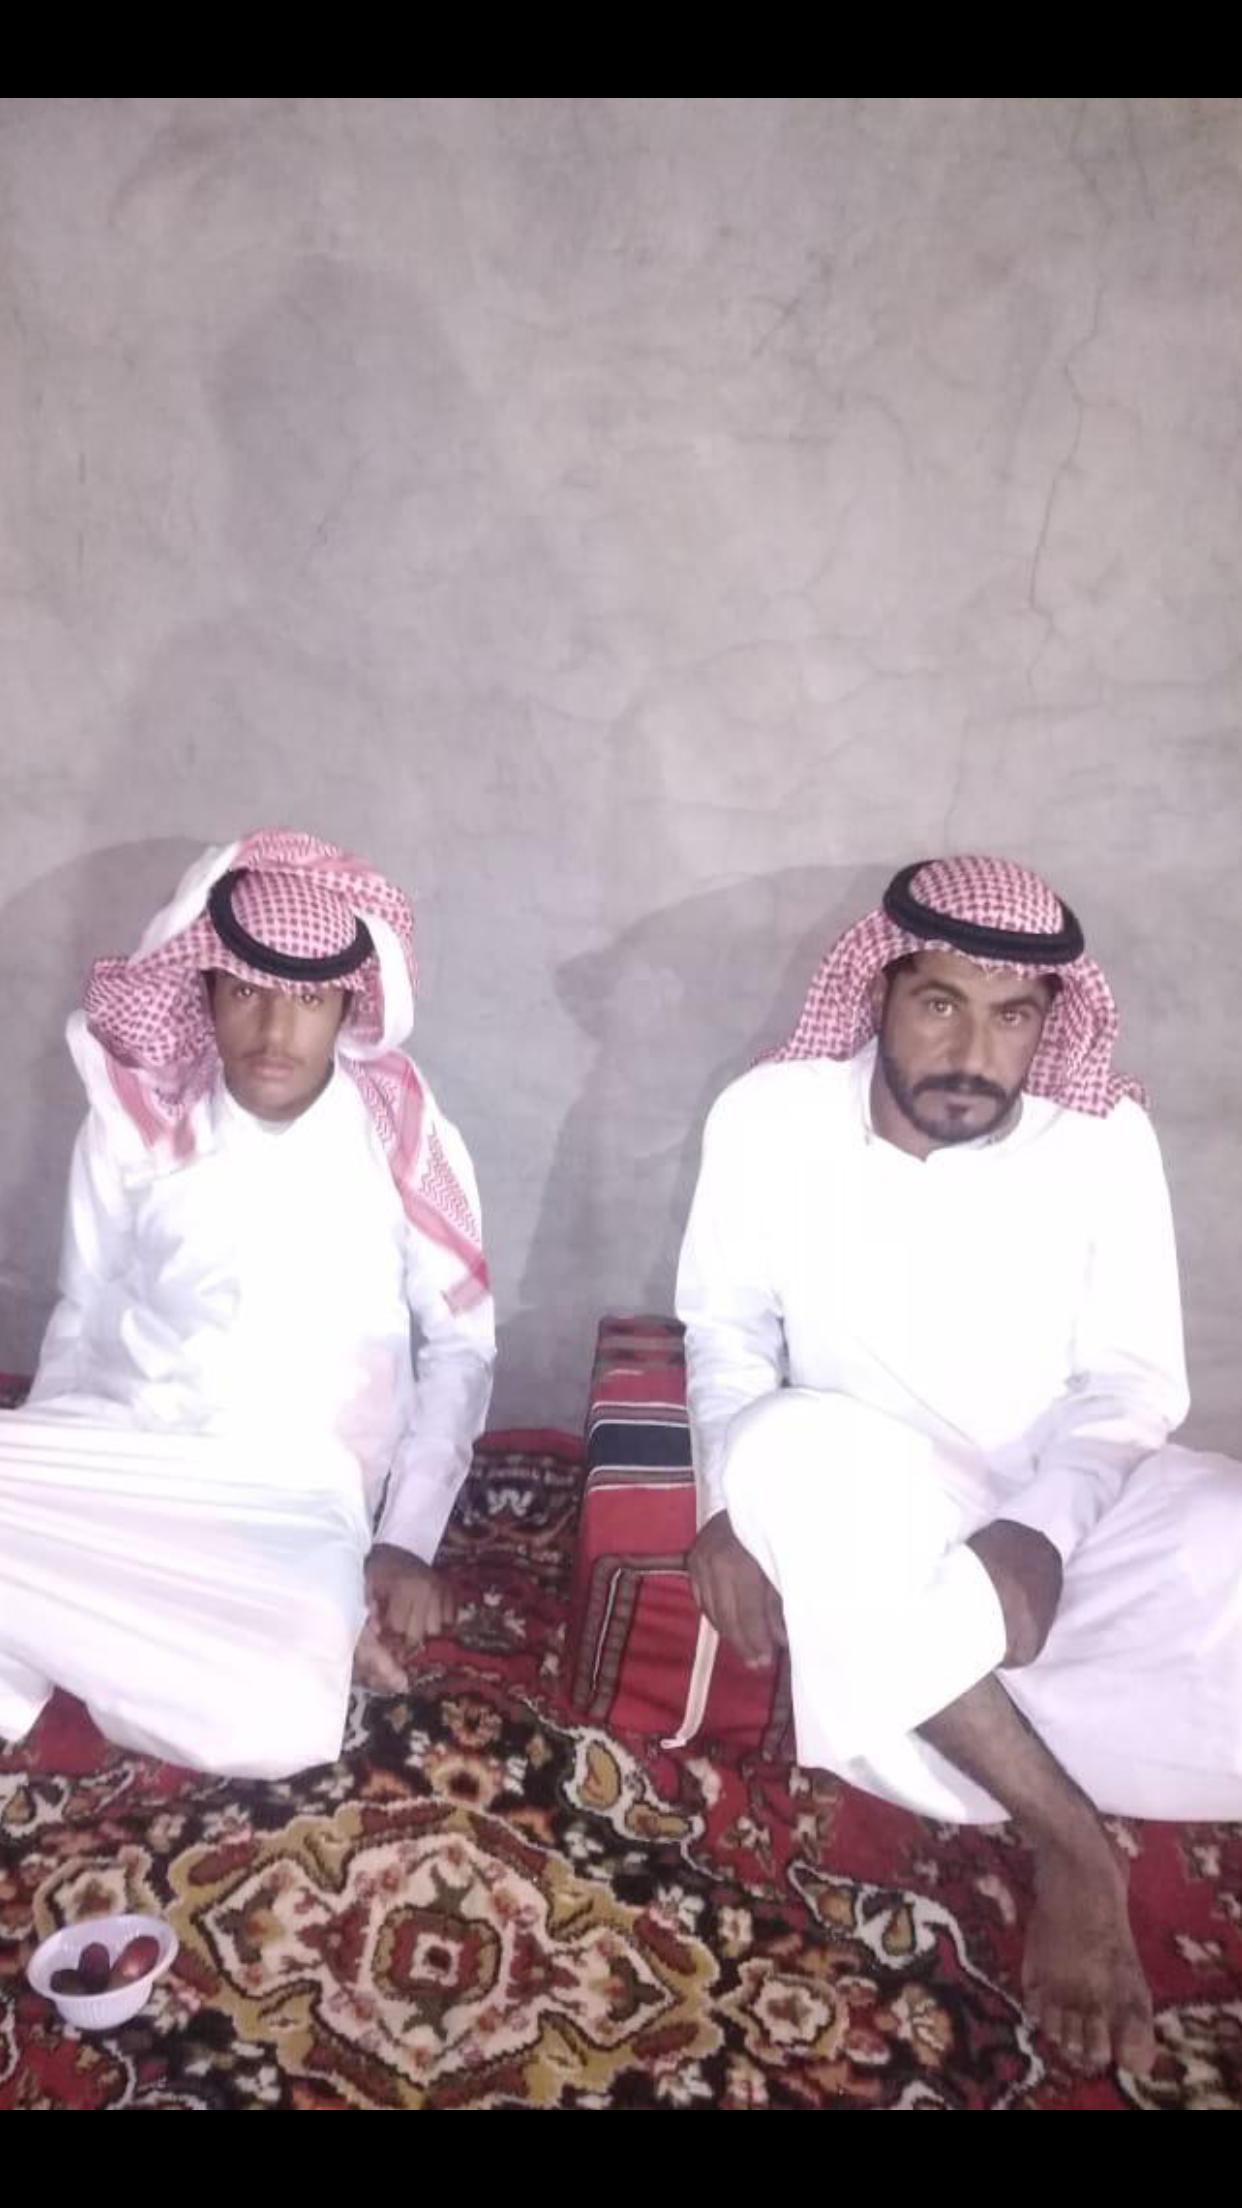 الشاب / حمدان فرج الجحم البلوي يحتفل بزواجه 41B5059D F43D 41CF 96AC 3148581FD468